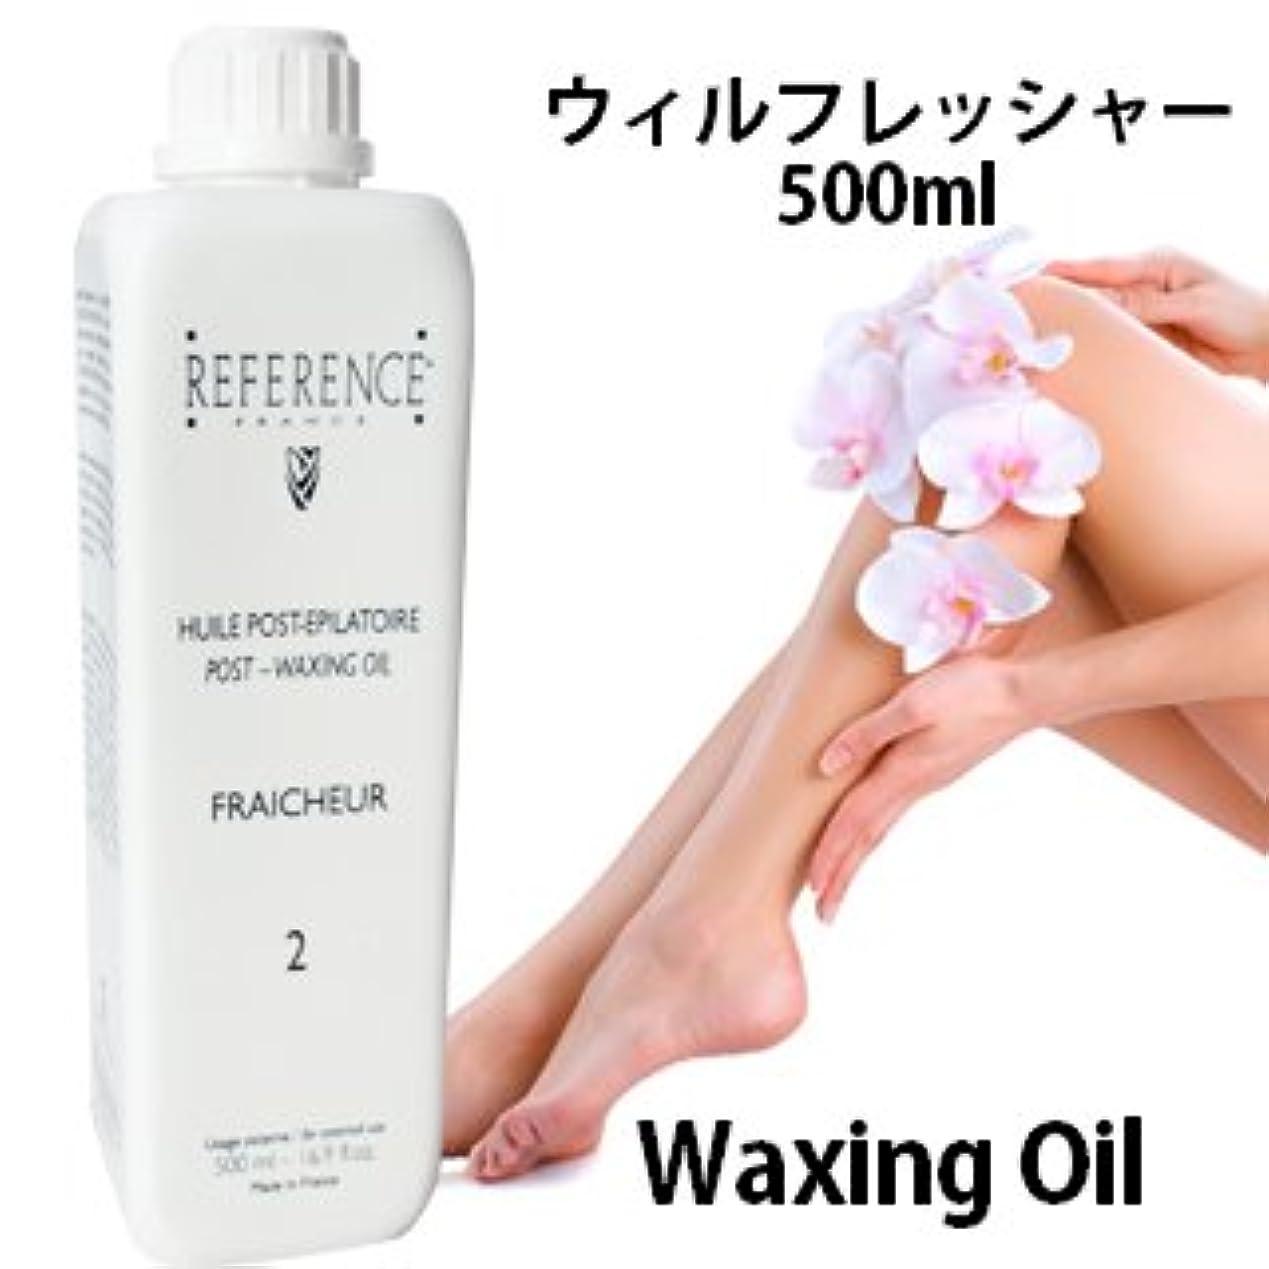 舌なライン完了【ウィルフレッシャー】500ml レファレンス REFERENCE Waxing Oil ※お取り寄せ商品